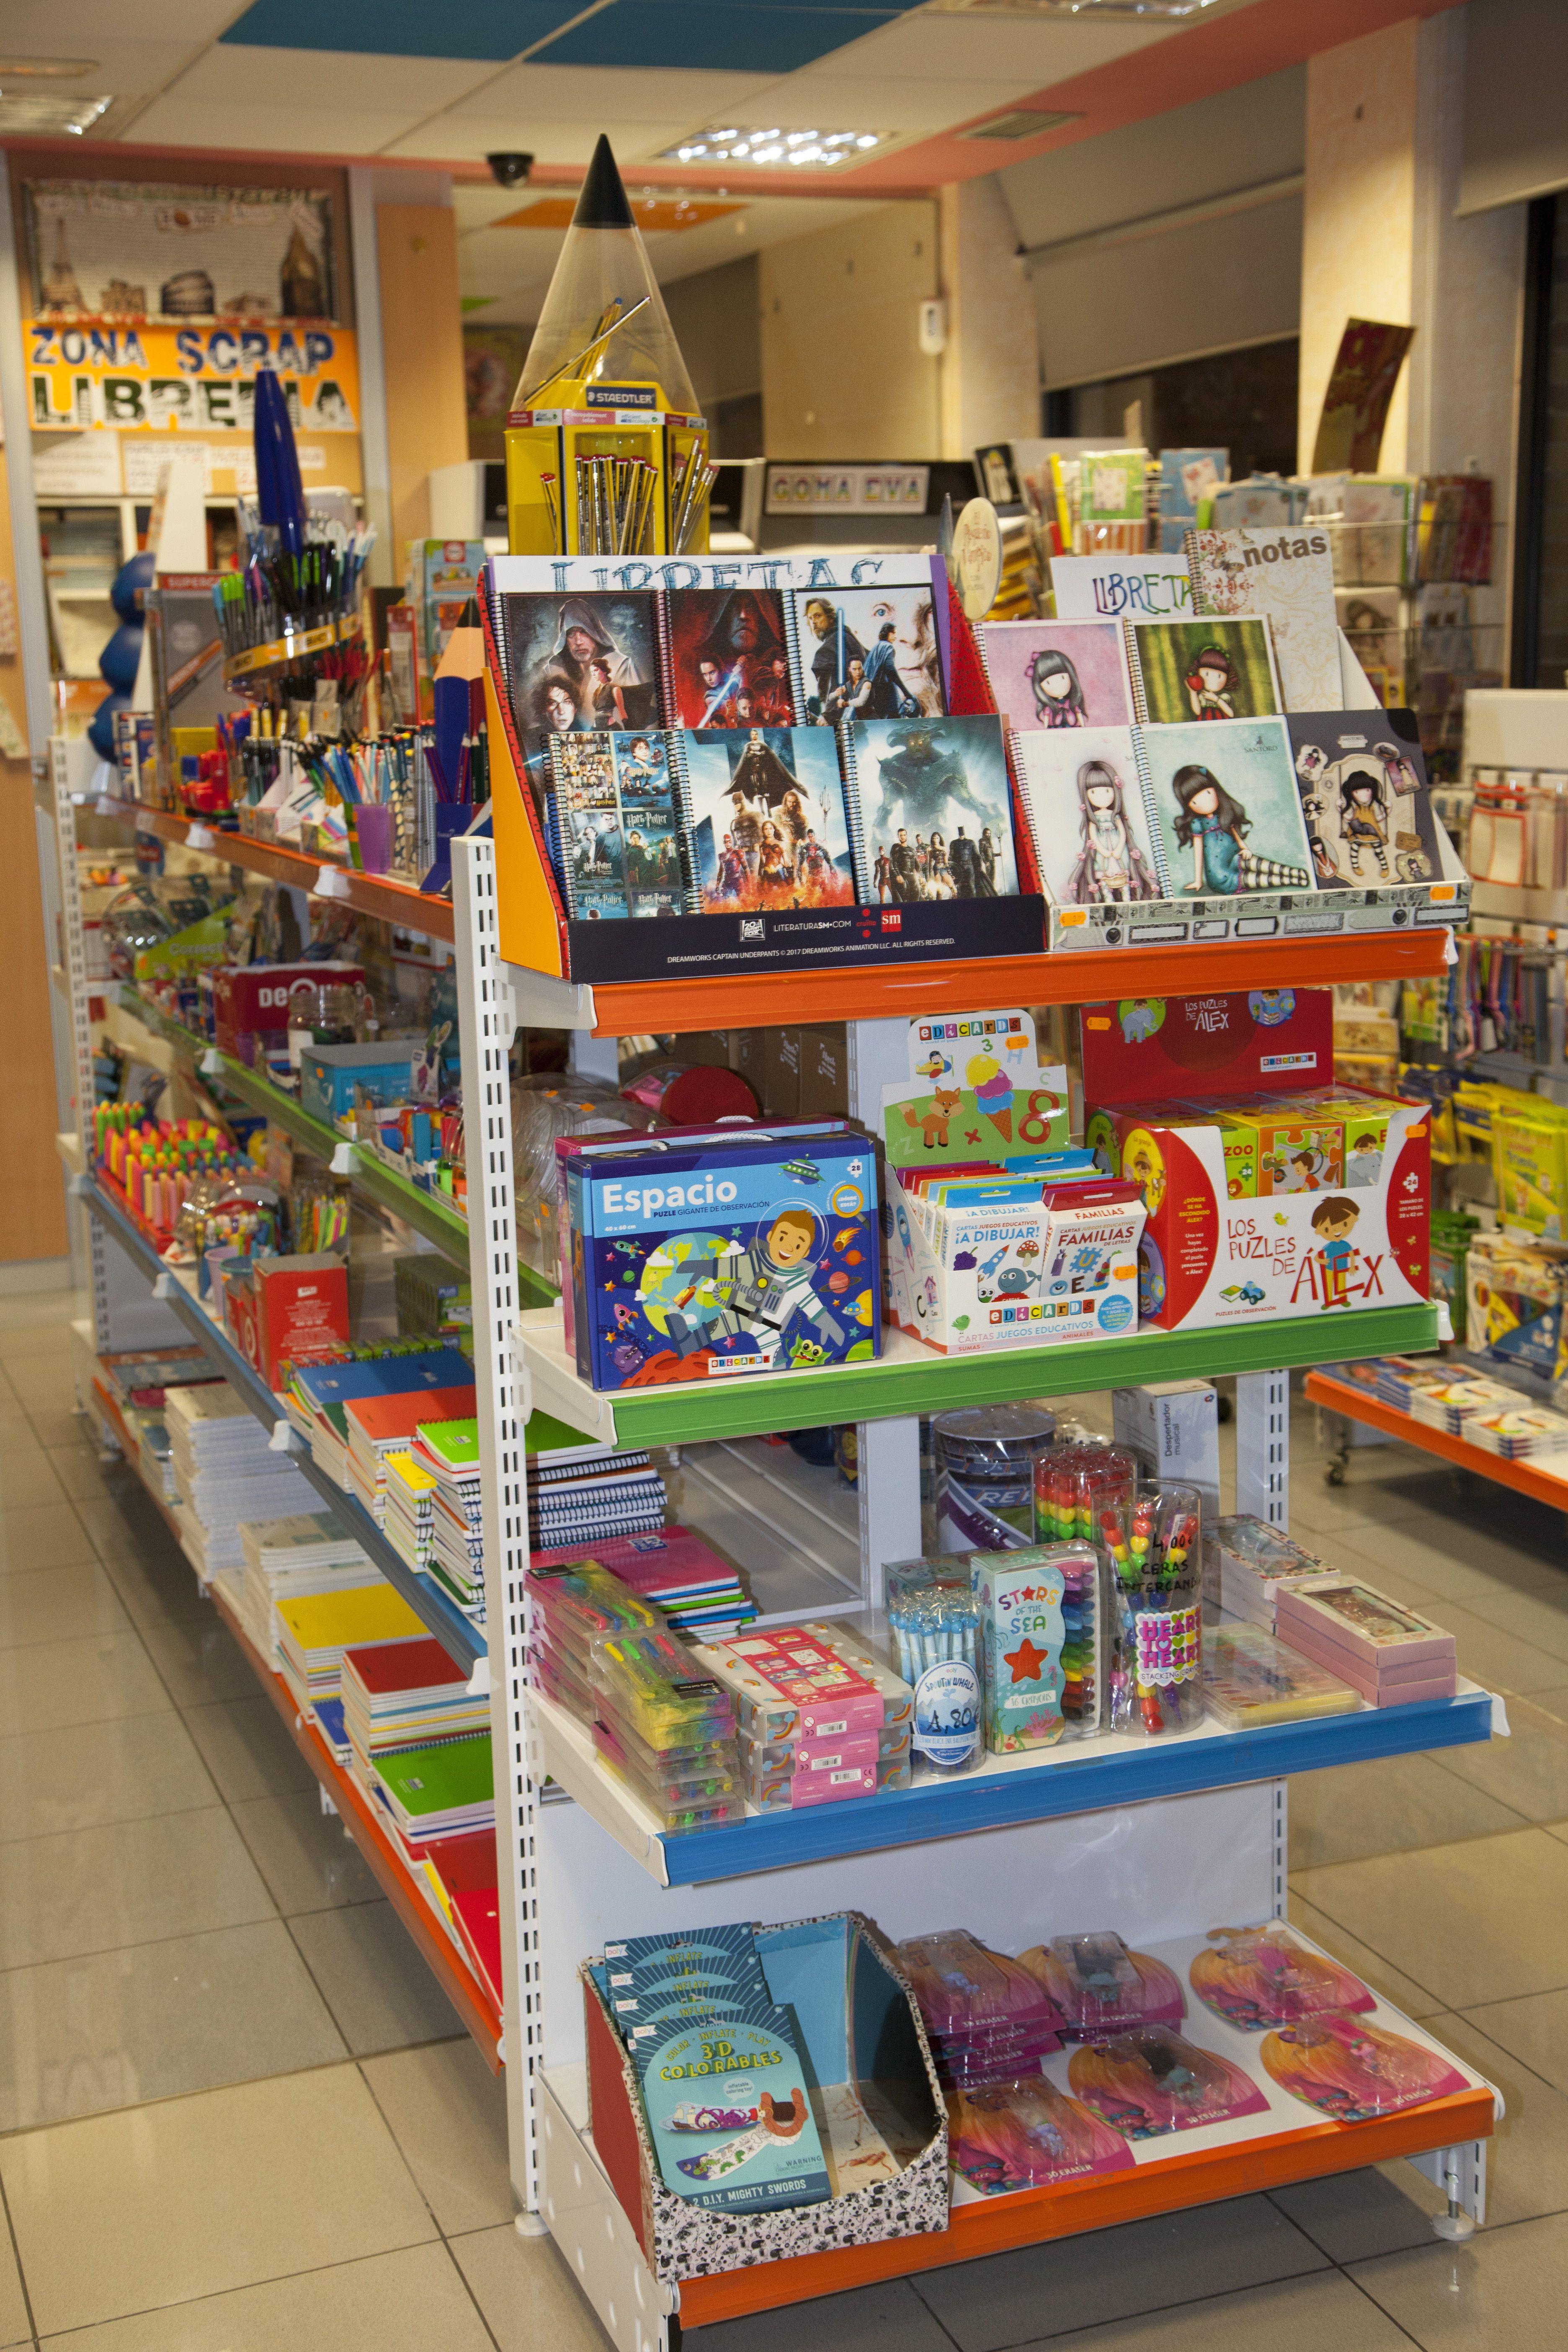 Artículos de dibujos animados: Productos de Papelería Librería Mina